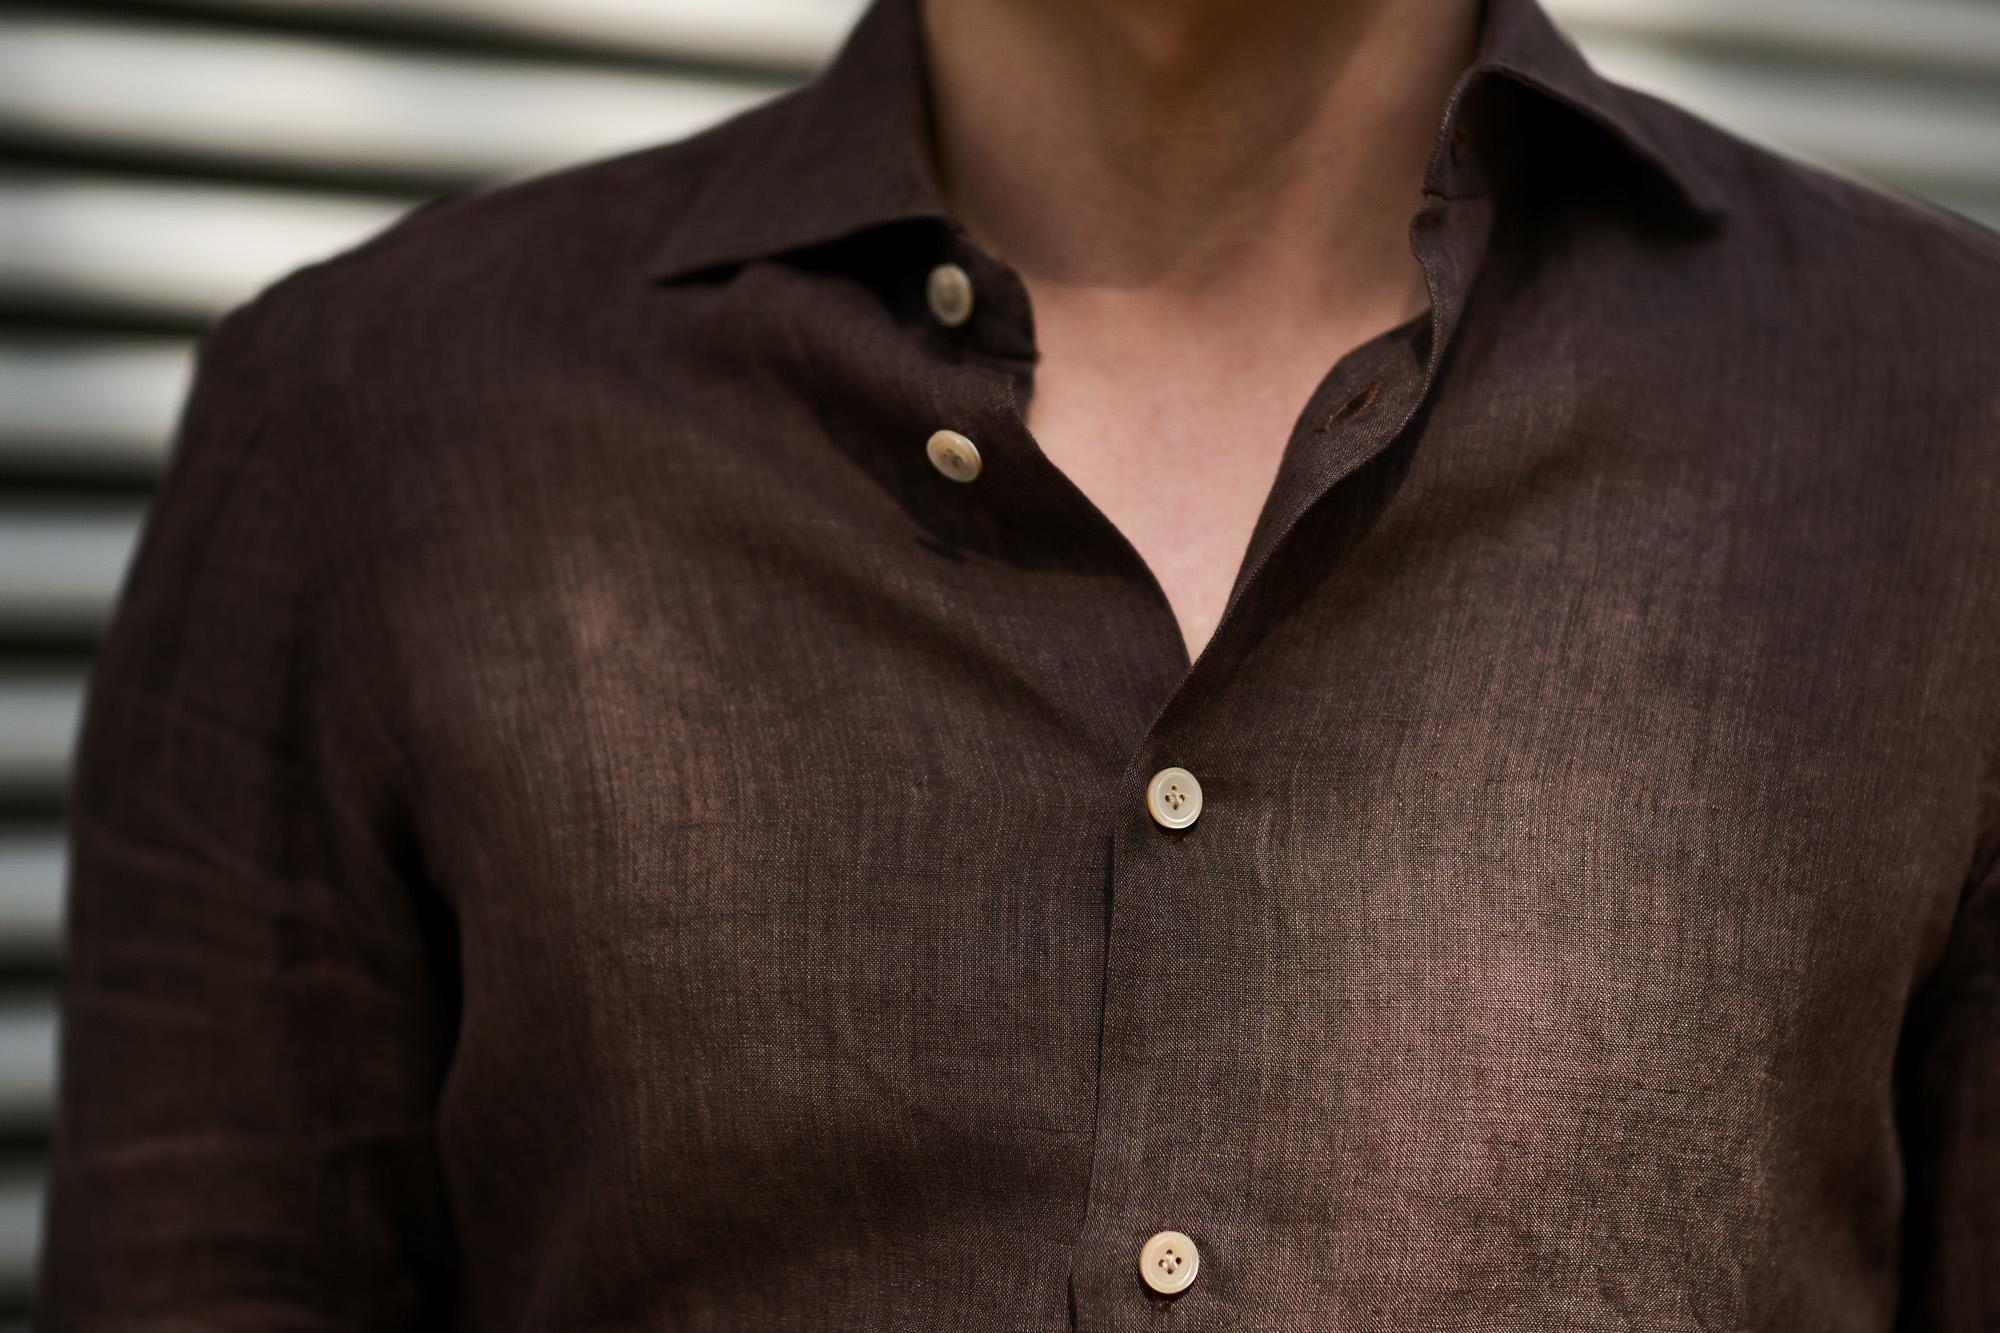 AVINO Laboratorio Napoletano(アヴィーノ・ラボラトリオ・ナポレターノ) Linen Dress Shirts (リネン ドレス シャツ) リネン100% ワイドカラー シャツ BROWN (ブラウン) made in italy (イタリア製) 2020 春夏新作 【入荷しました】【フリー分発売開始】 愛知 名古屋 altoediritto アルトエデリット リネンシャツ